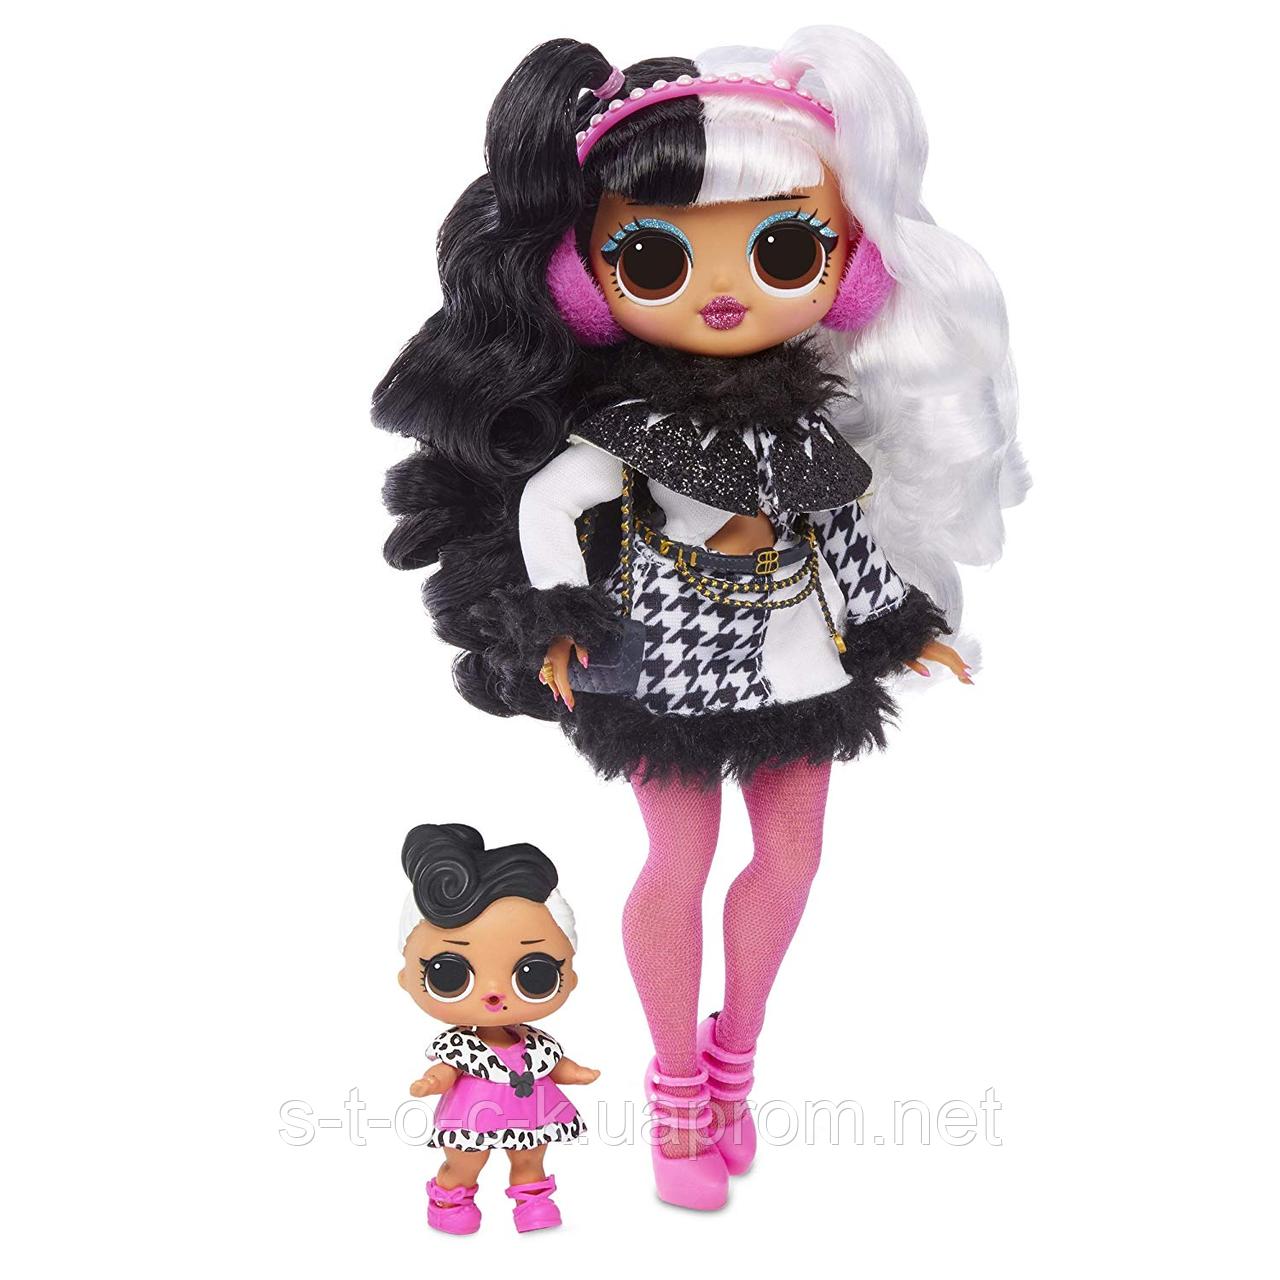 Кукла ЛОЛ OMG Зимнее Диско Dollie + кукла DollFace 2 волна